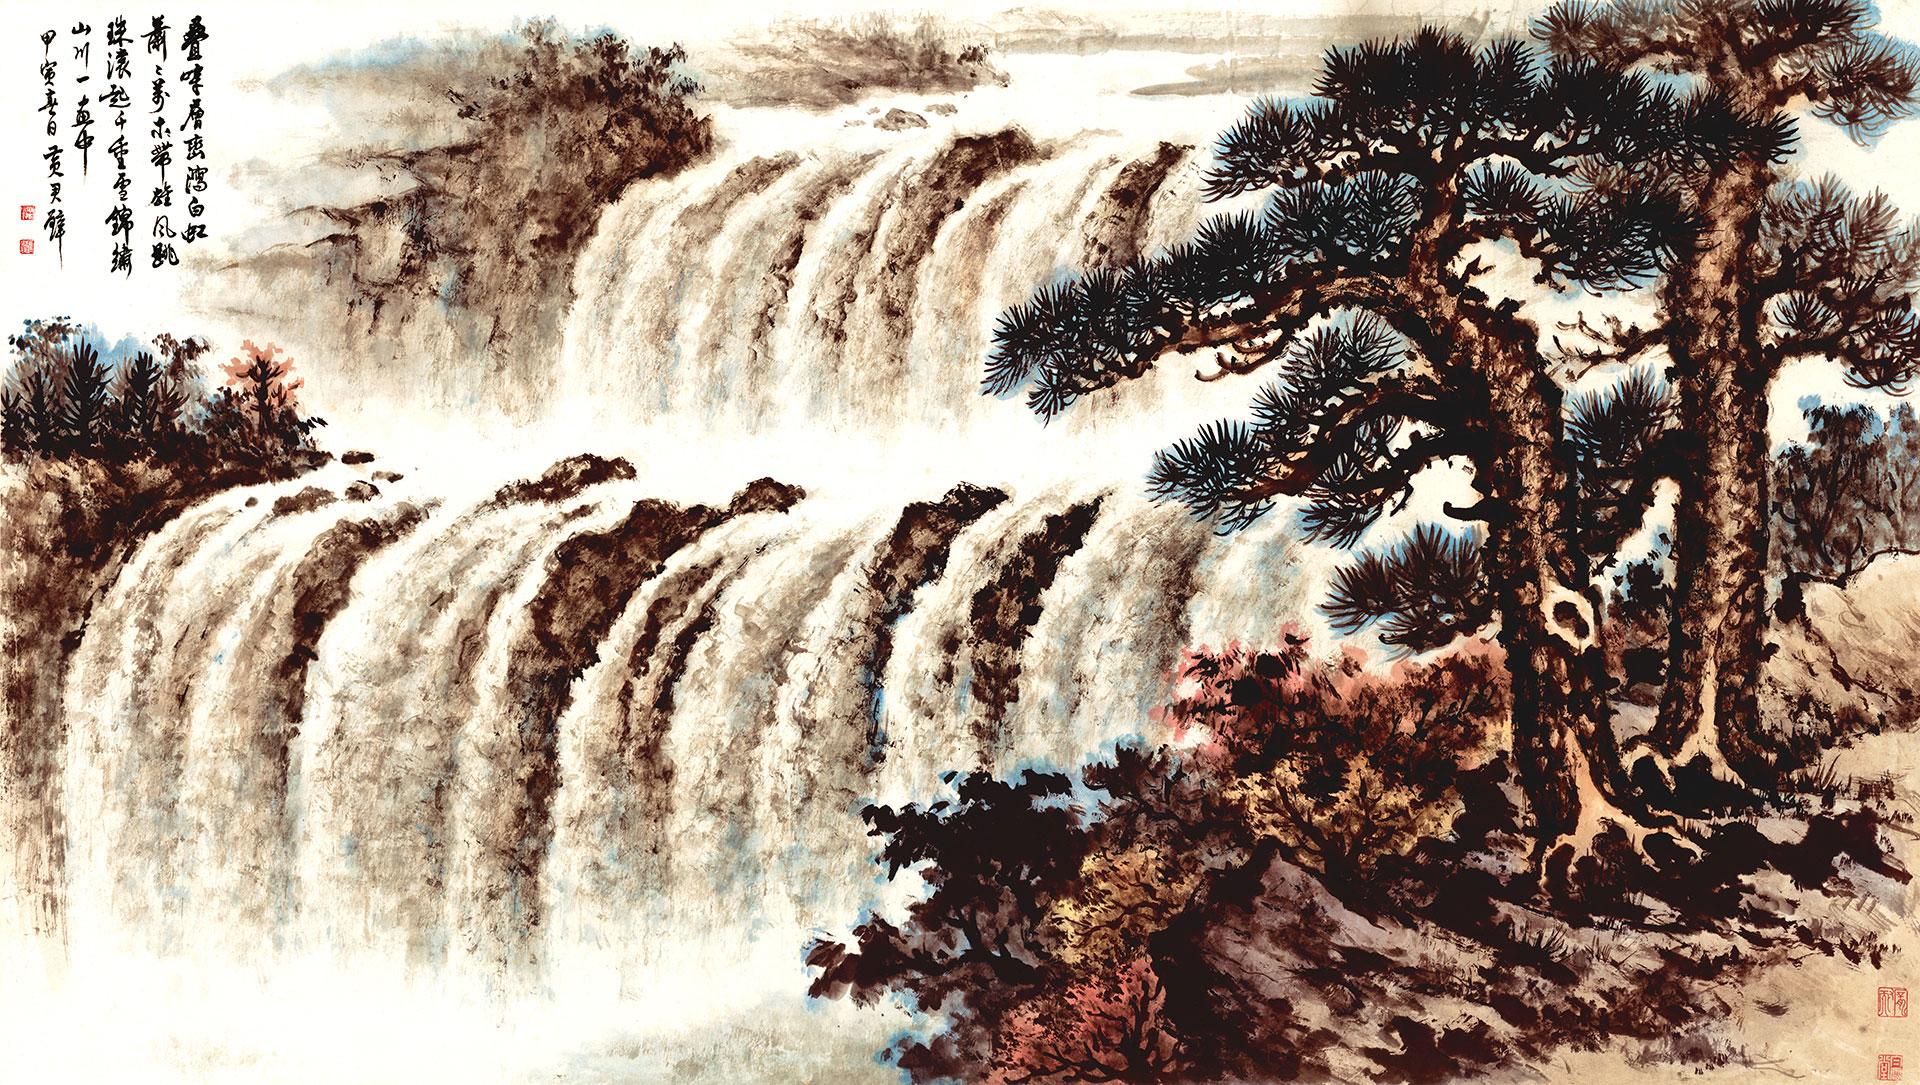 黄君壁 叠峰层峦巨幅山水_三典轩精修调色版